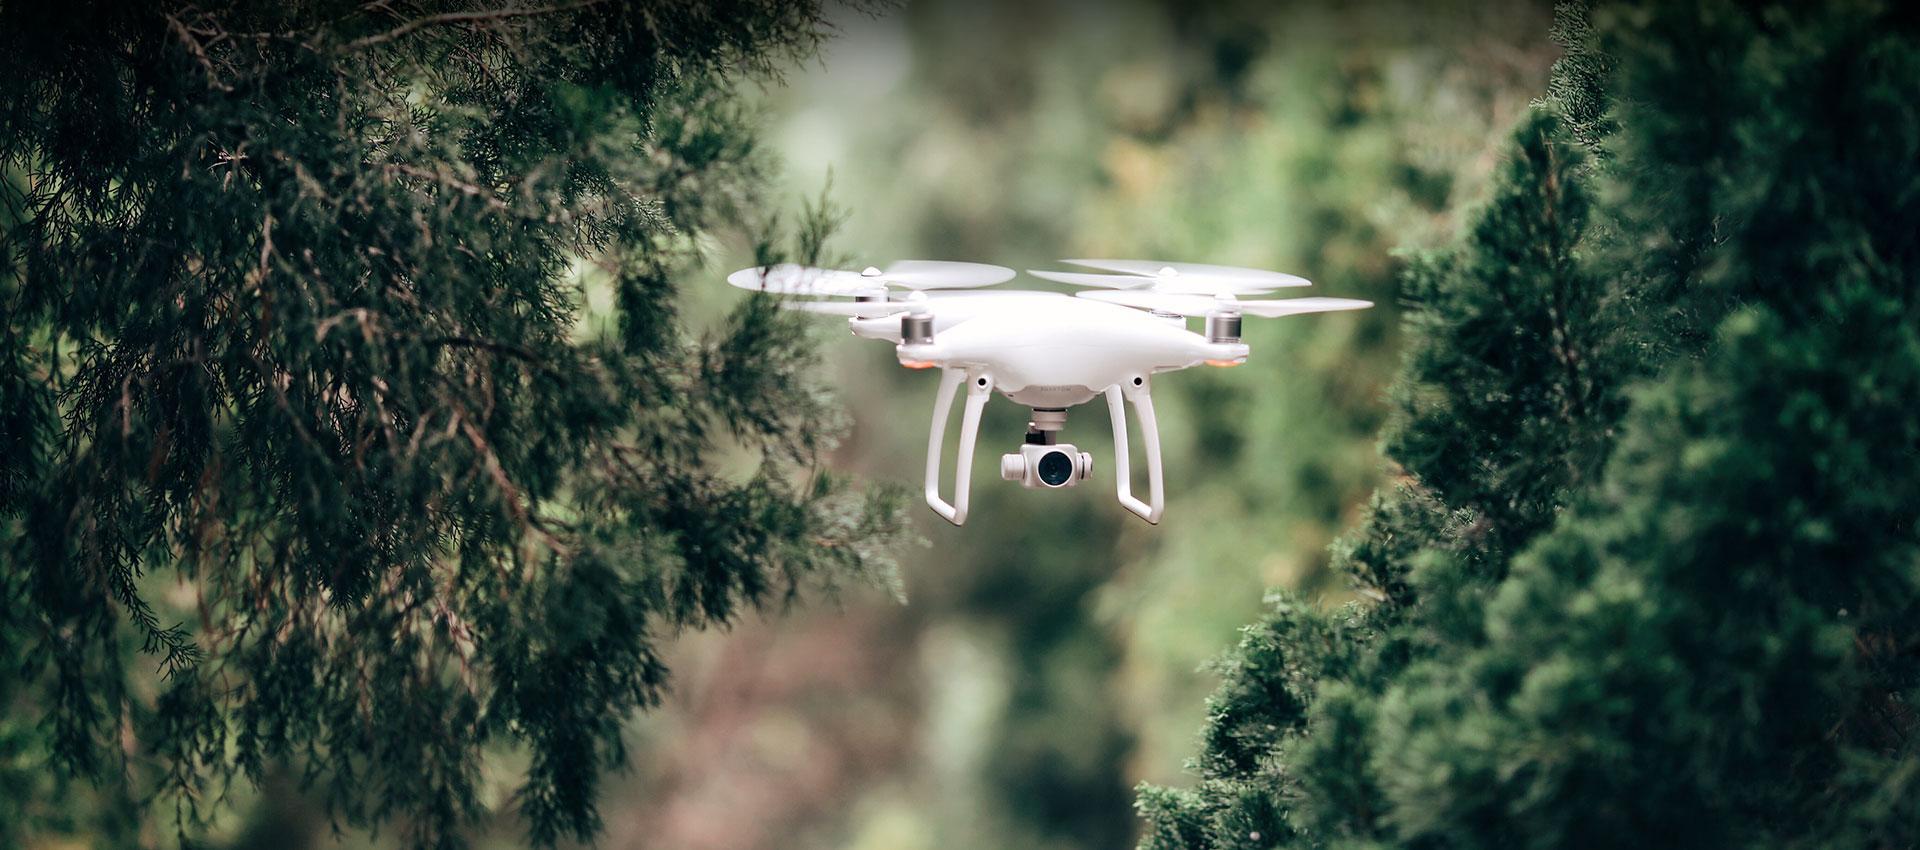 DJI Phantom 4 3 - Los mejores drones y los más baratos - Especial de Gizlogic